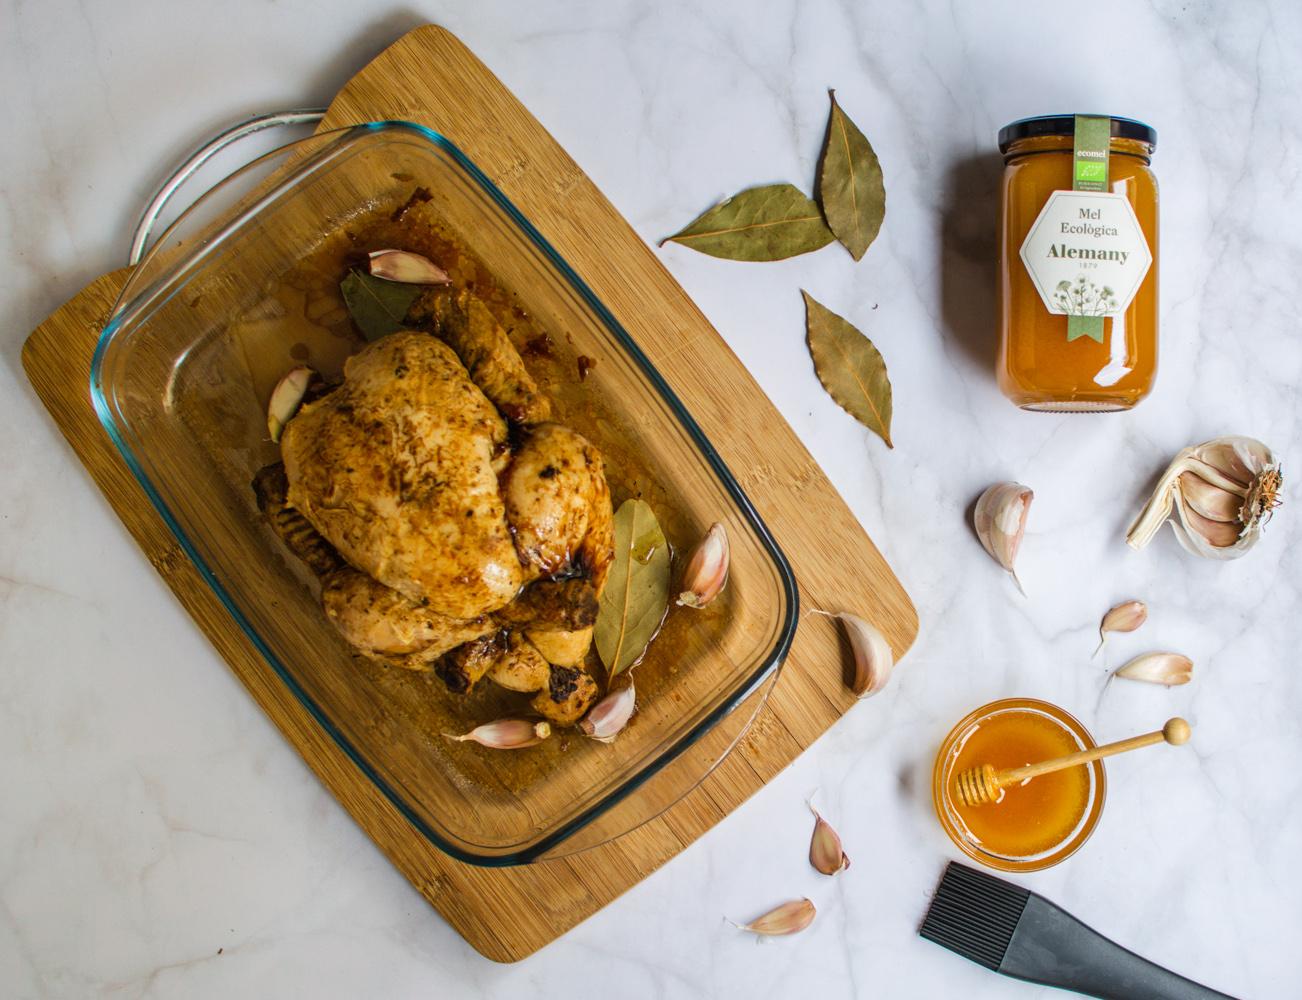 Pollo asado al horno con miel ecológica Alemany